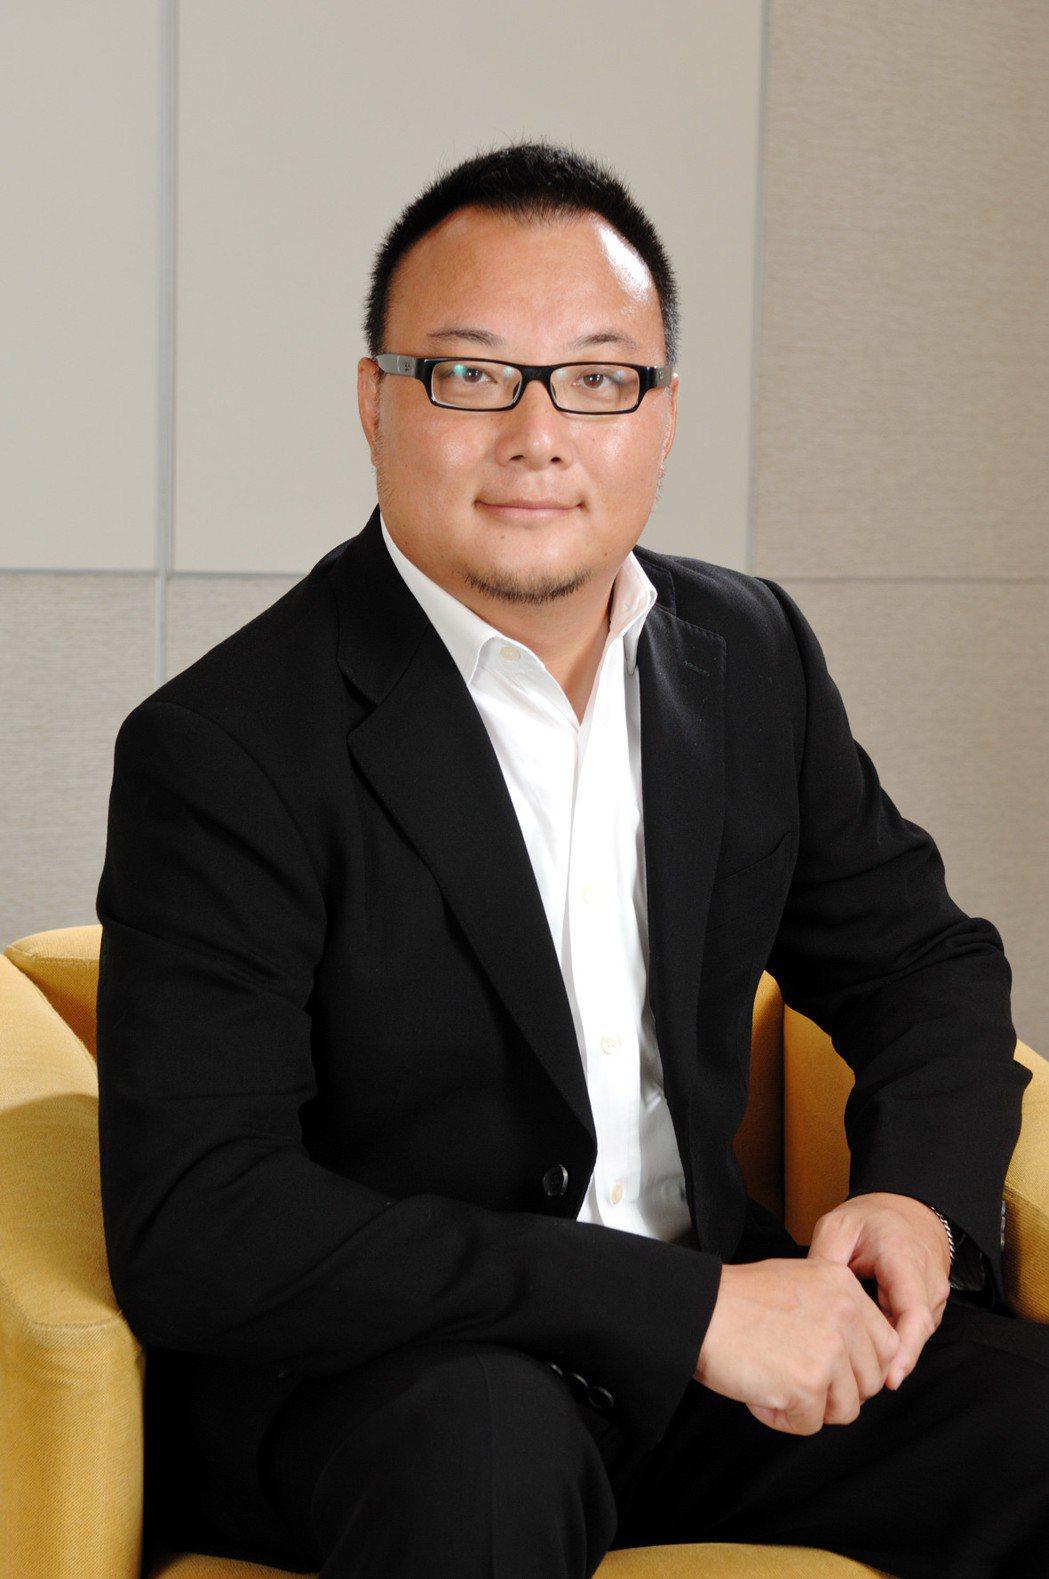 勤業眾信聯合會計師事務所卓越管理企業專案負責人吳志洋執行副總經理。業者/提供